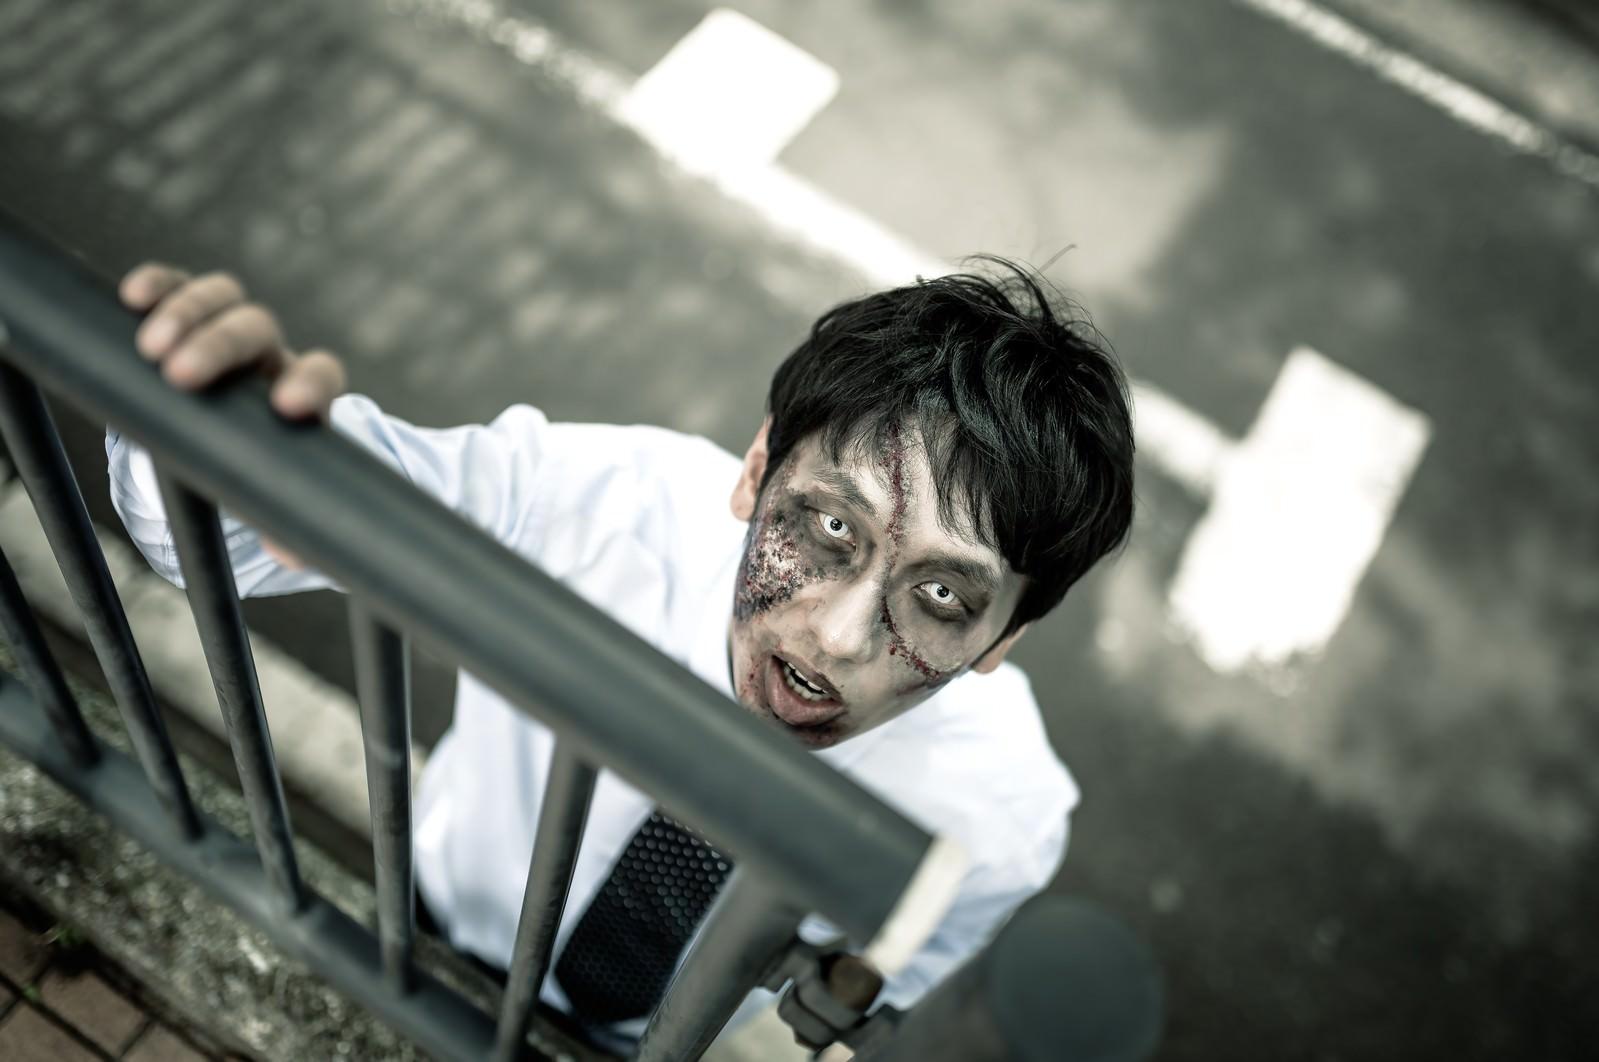 「「俺はまだ人間だ!助けてくれ!」と柵越しに訴えかけてくるほぼアウトな男性」の写真[モデル:大川竜弥]